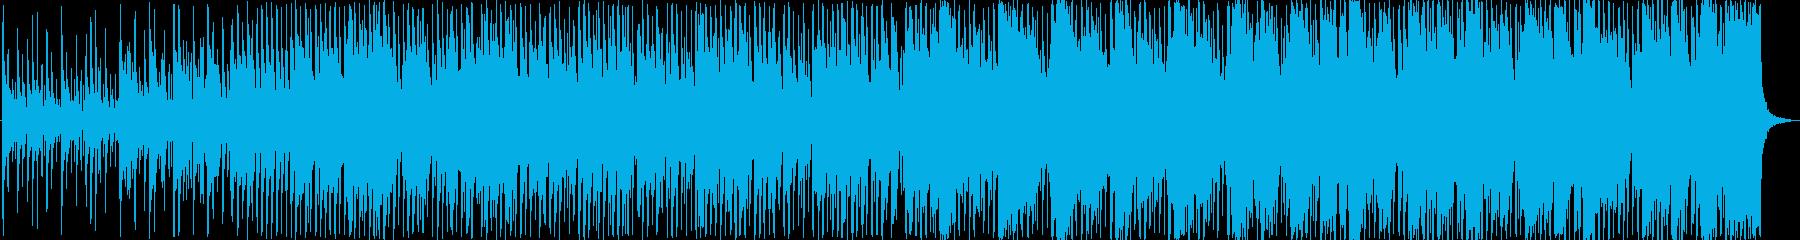 アンプラグド アクション 感情的 ...の再生済みの波形